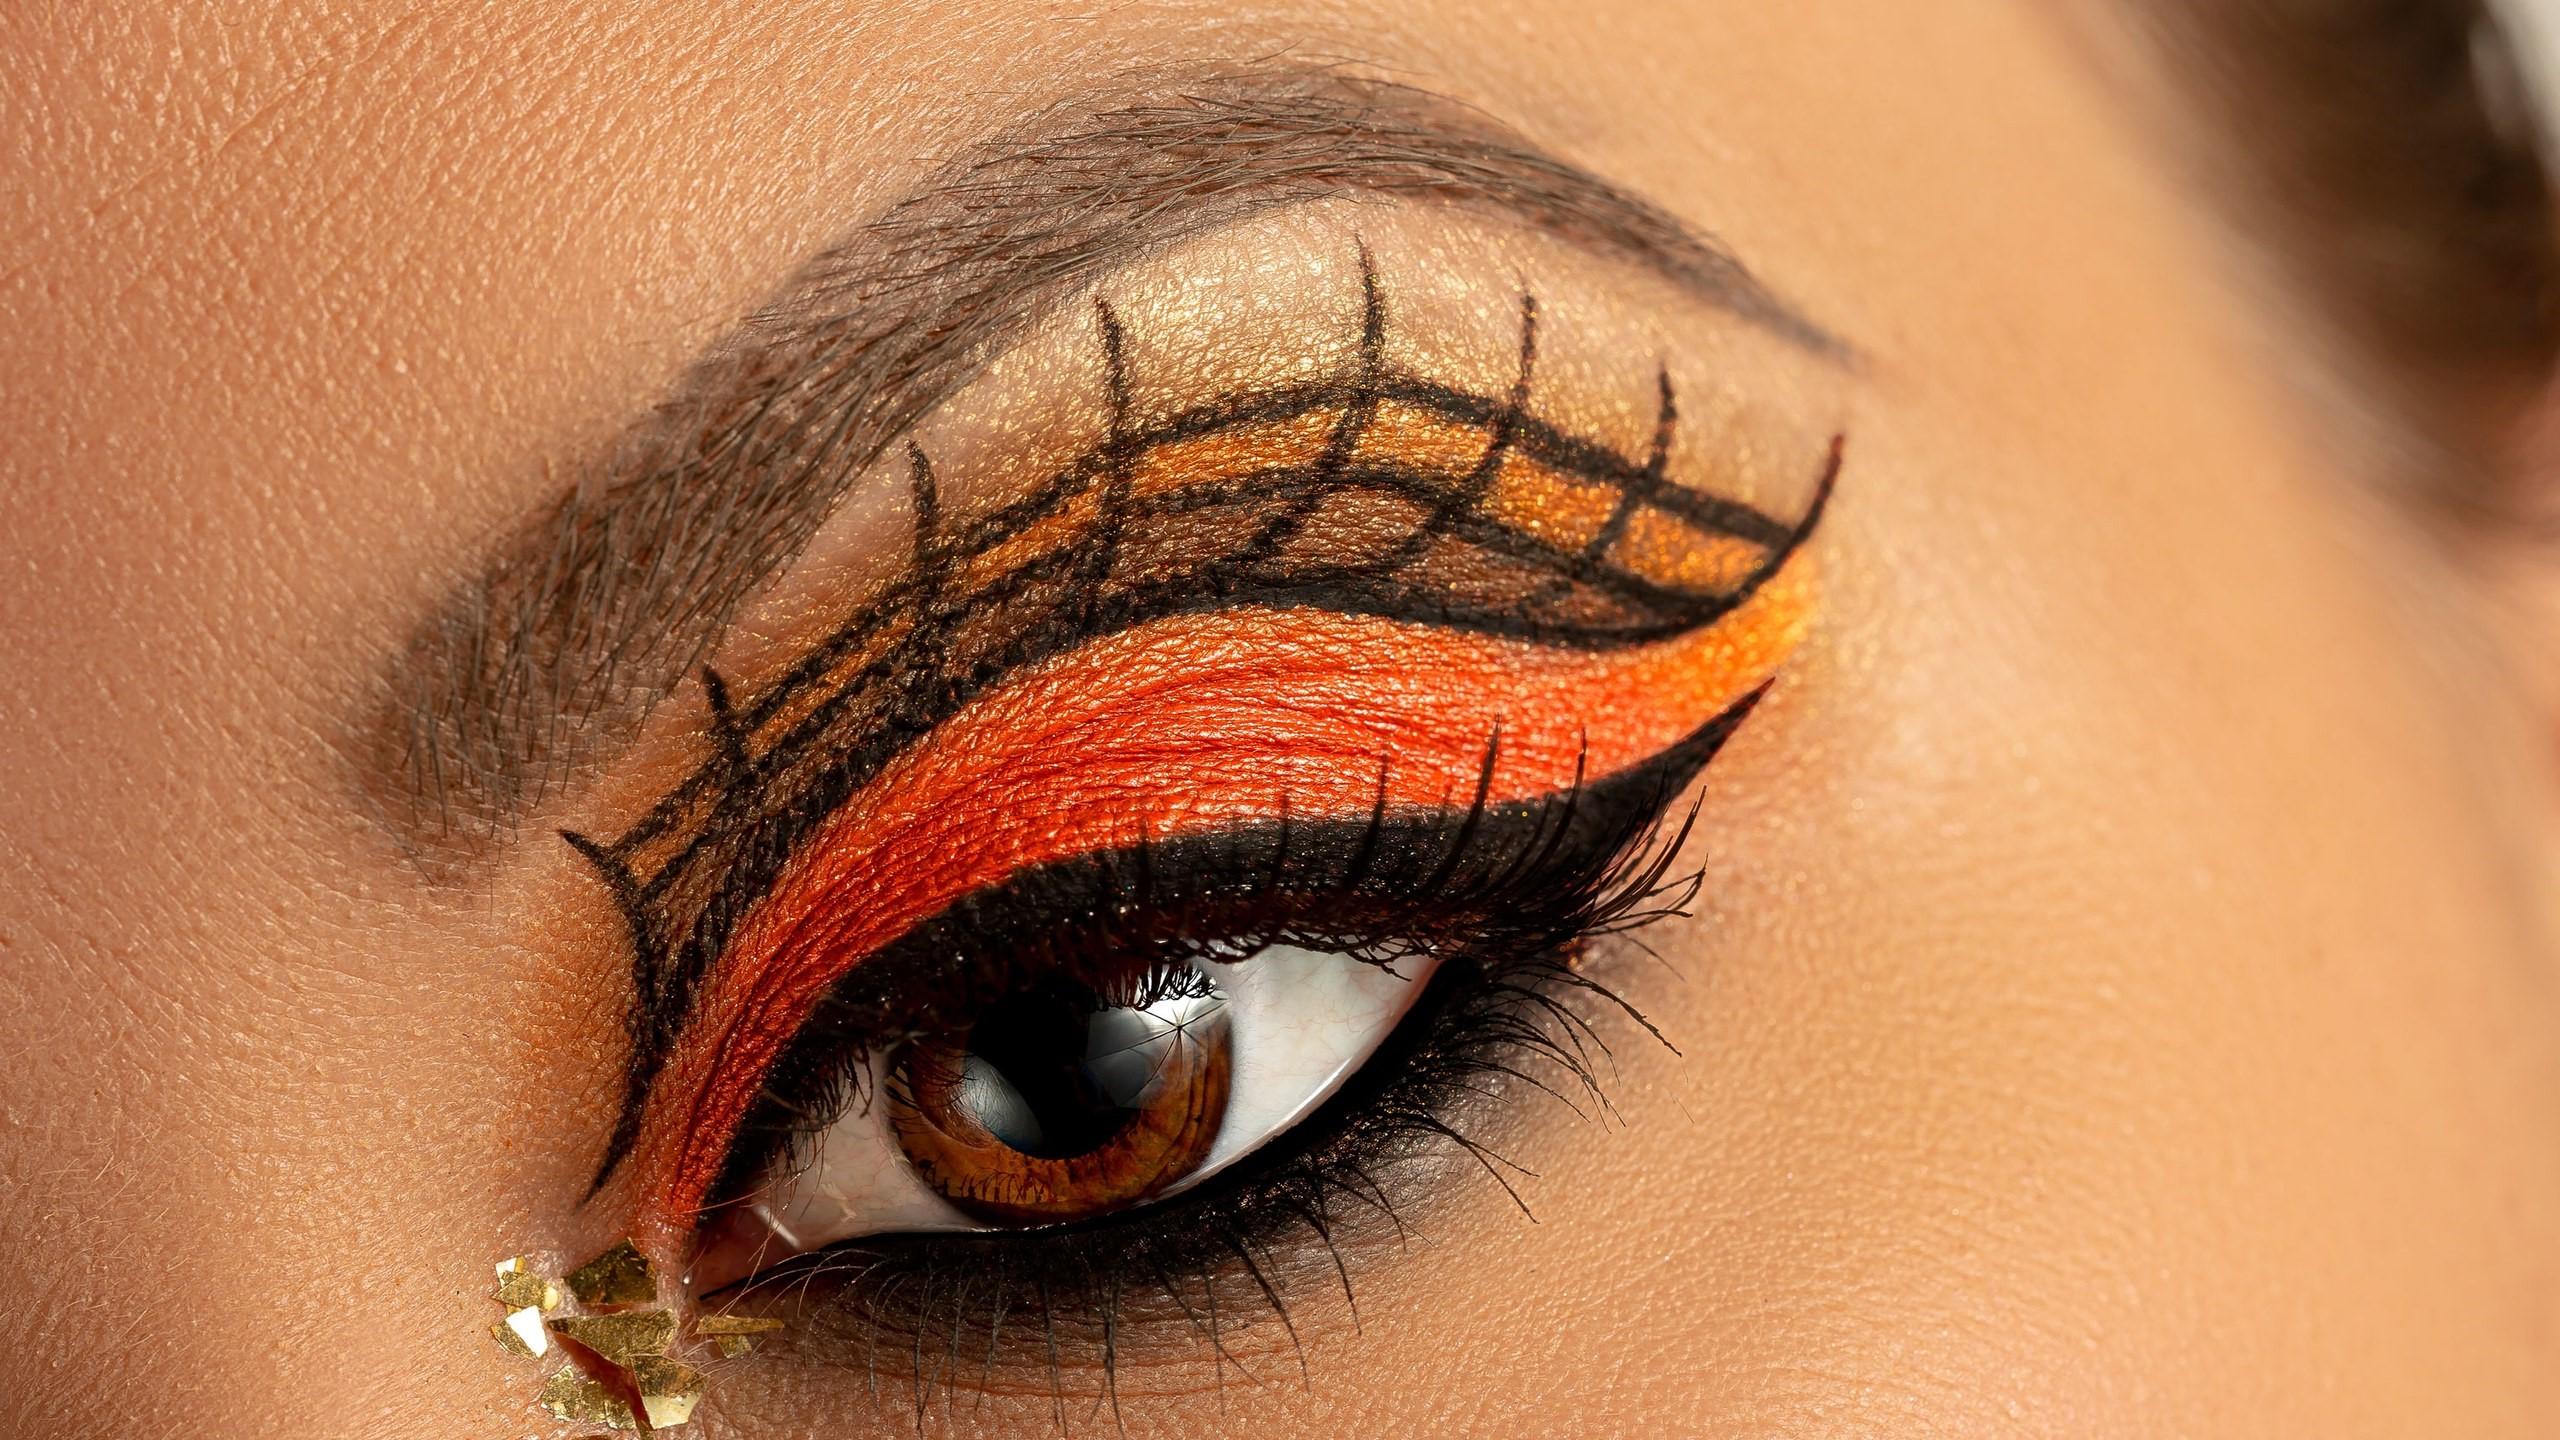 Vous trouverez dans les prochaines lignes quelques conseils sur le maquillage d'Halloween pour les femmes.